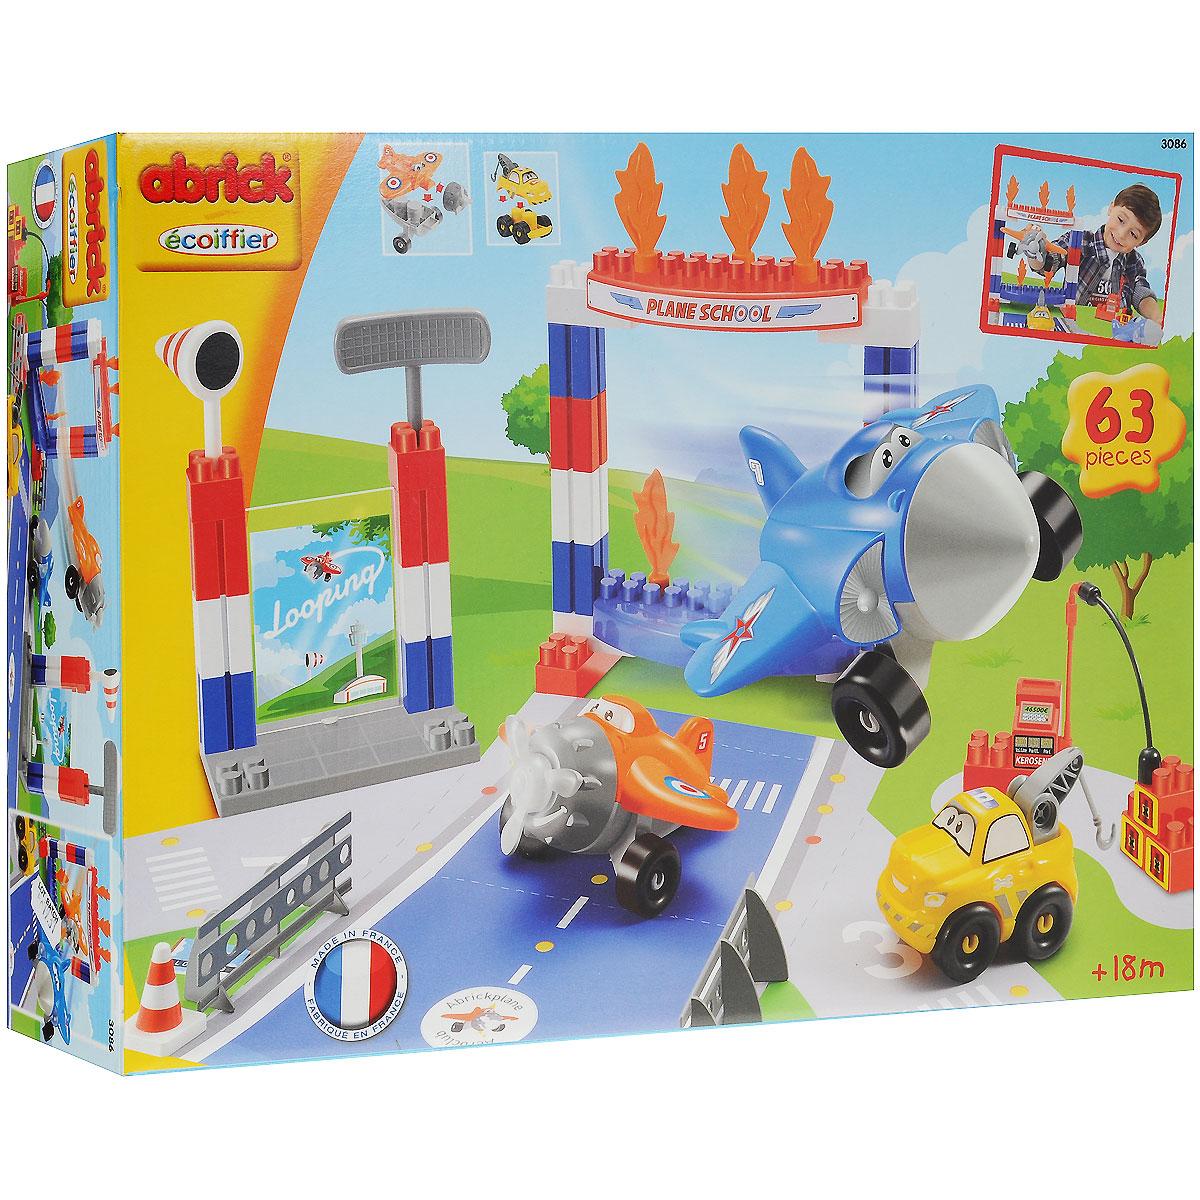 Ecoiffier Конструктор Летная школа3086Конструктор Ecoiffier Летная школа станет прекрасным подарком для вашего малыша, позволяя ему не только весело проводить время за сборкой, но и развиваться. Игровой набор состоит из 63 деталей конструктора, выполненных из безопасного высококачественного пластика ярких цветов (детали для сборки взлетной полосы, самолетов и машинки, детали декора, аксессуары). Из элементов конструктора малыш сможет собрать настоящую летную школу, где с любимыми самолетиками можно подготовиться к участию в кругосветных гонках. С конструктором ребенок может играть как один, так и в компании друзей, придумывая свои интересные истории. Замечательная игрушка-конструктор не только развлечет вашего ребенка, но и будет развивать в игре его логические и творческие навыки, мелкую моторику рук, усидчивость и внимание.